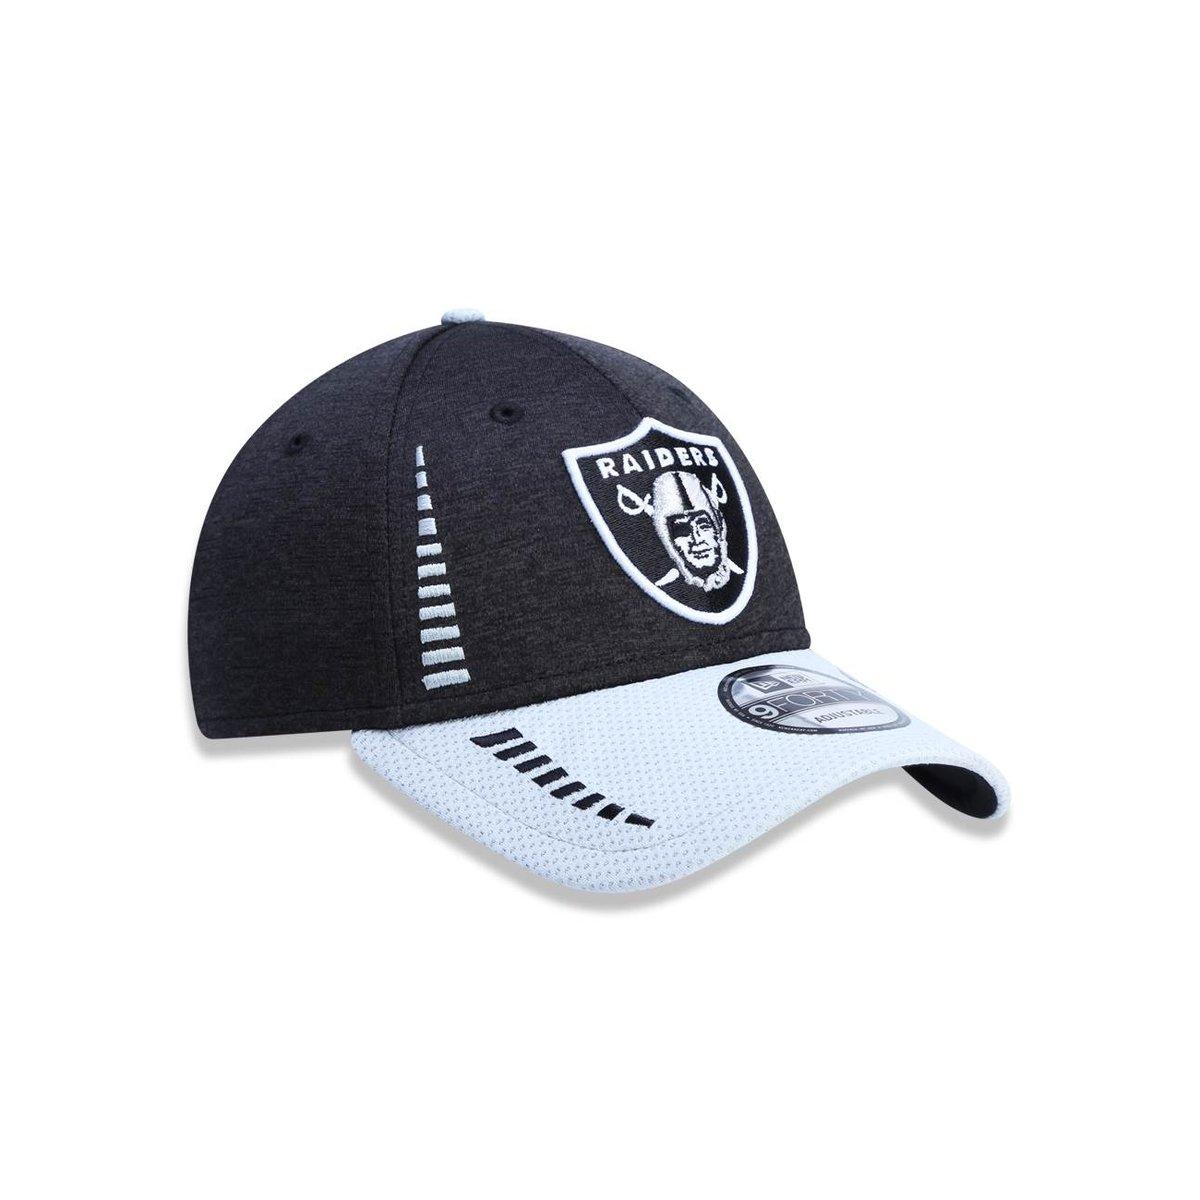 Boné 940 Oakland Raiders NFL Aba Curva Strapback New Era - Compre ... 5c7ed4dd5e8